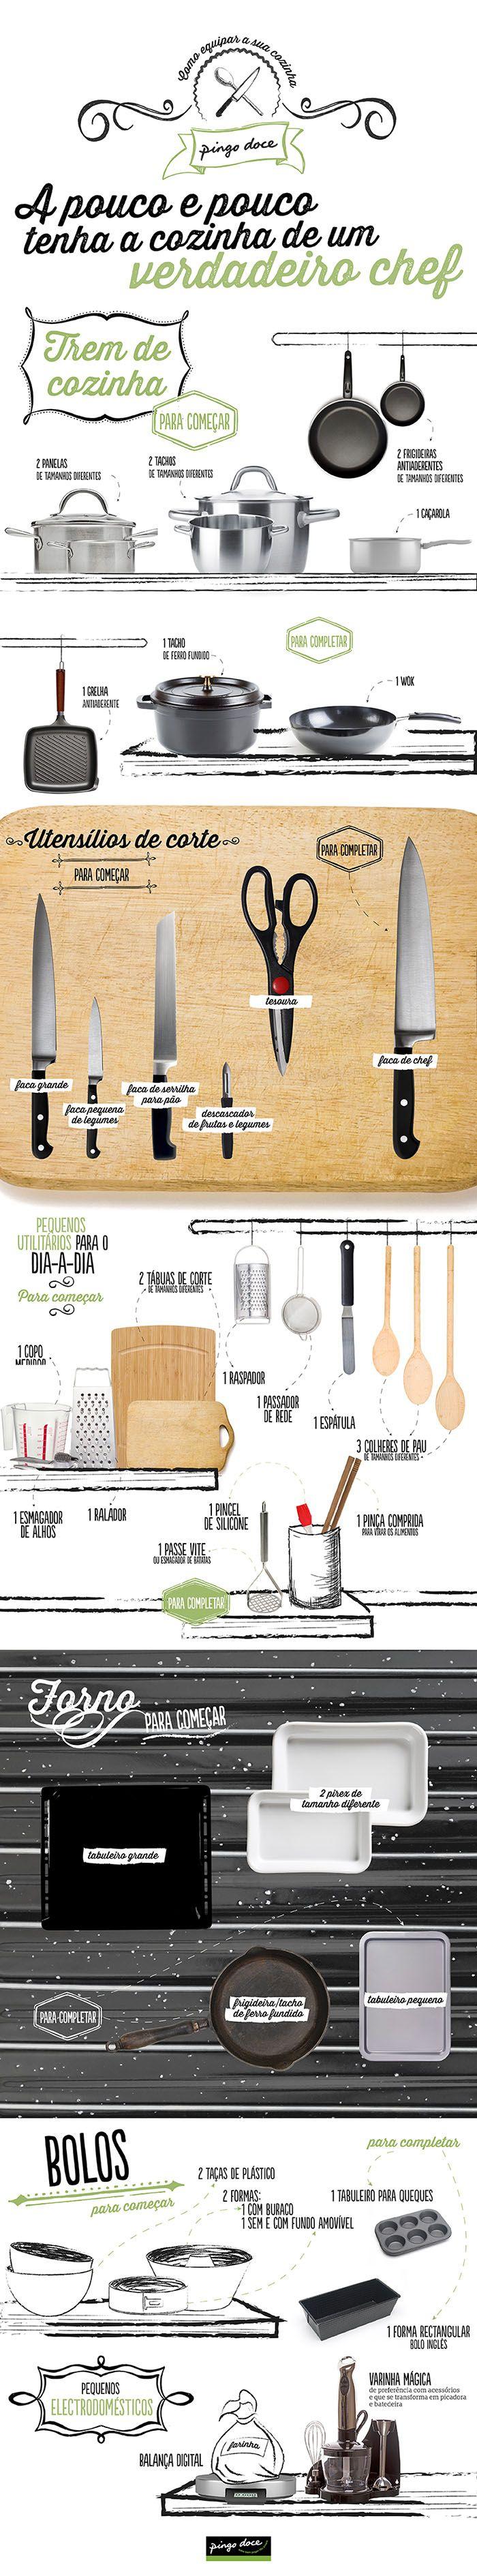 infografia como equipar a cozinha: facas, panelas, frigideiras, tesouras, balança...